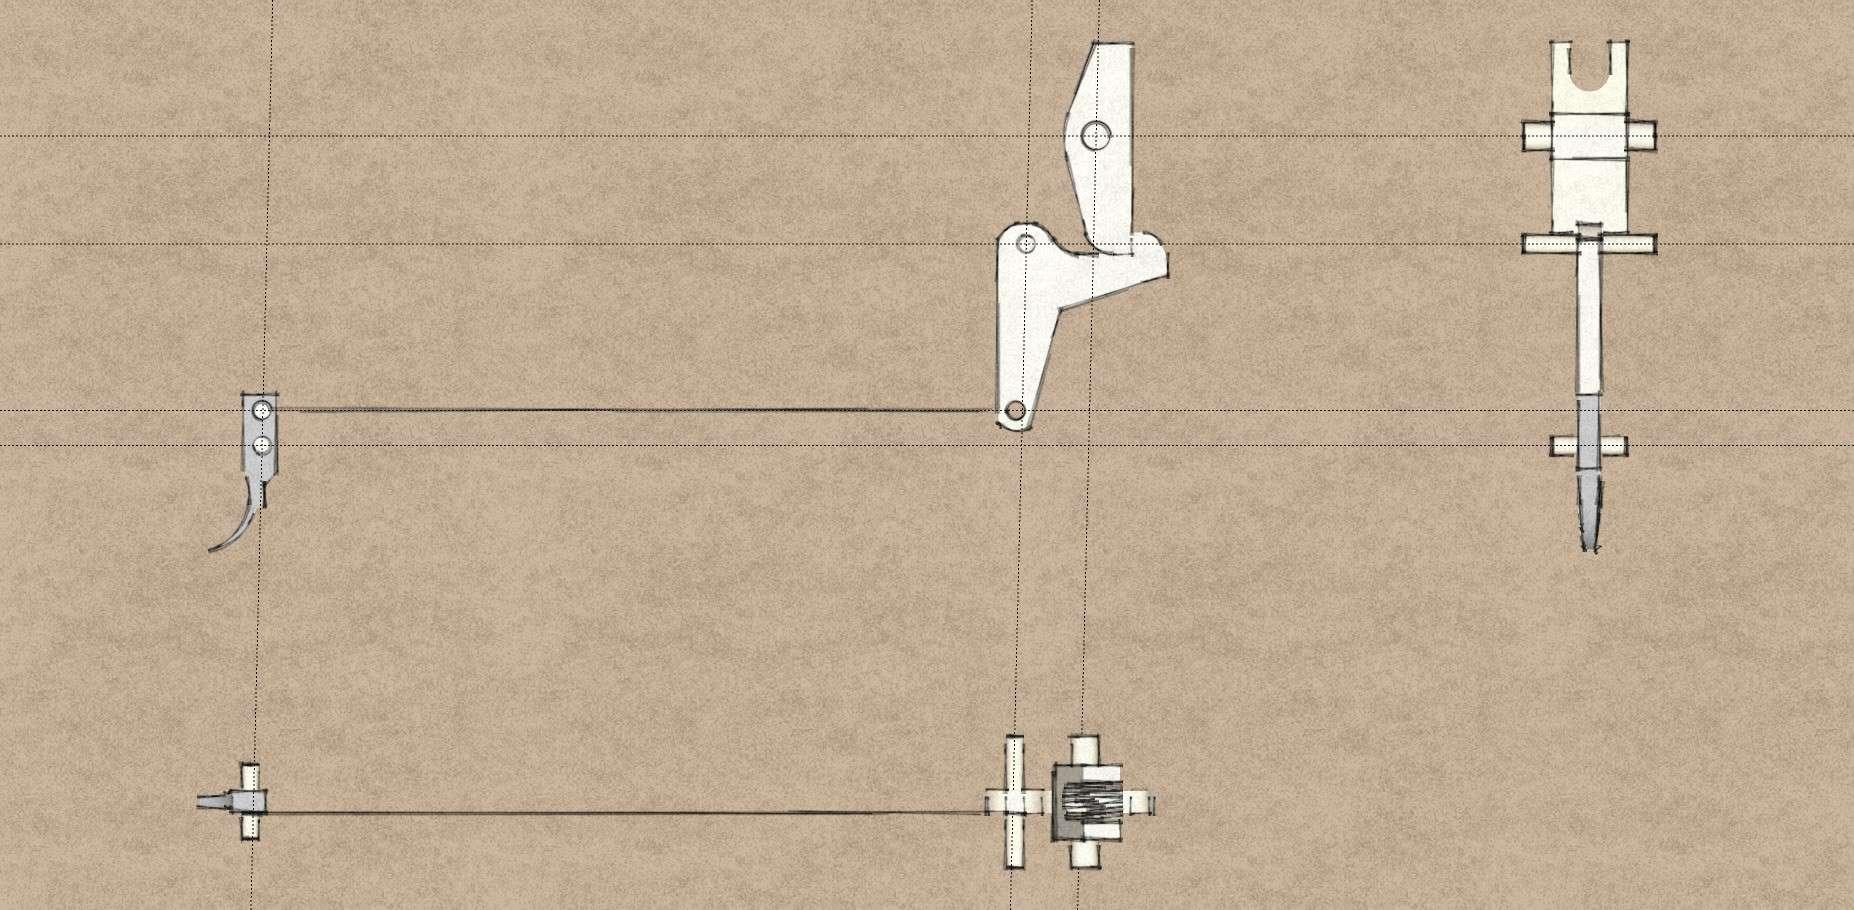 [Pistol Crossbow] Trigger design Bullpu10